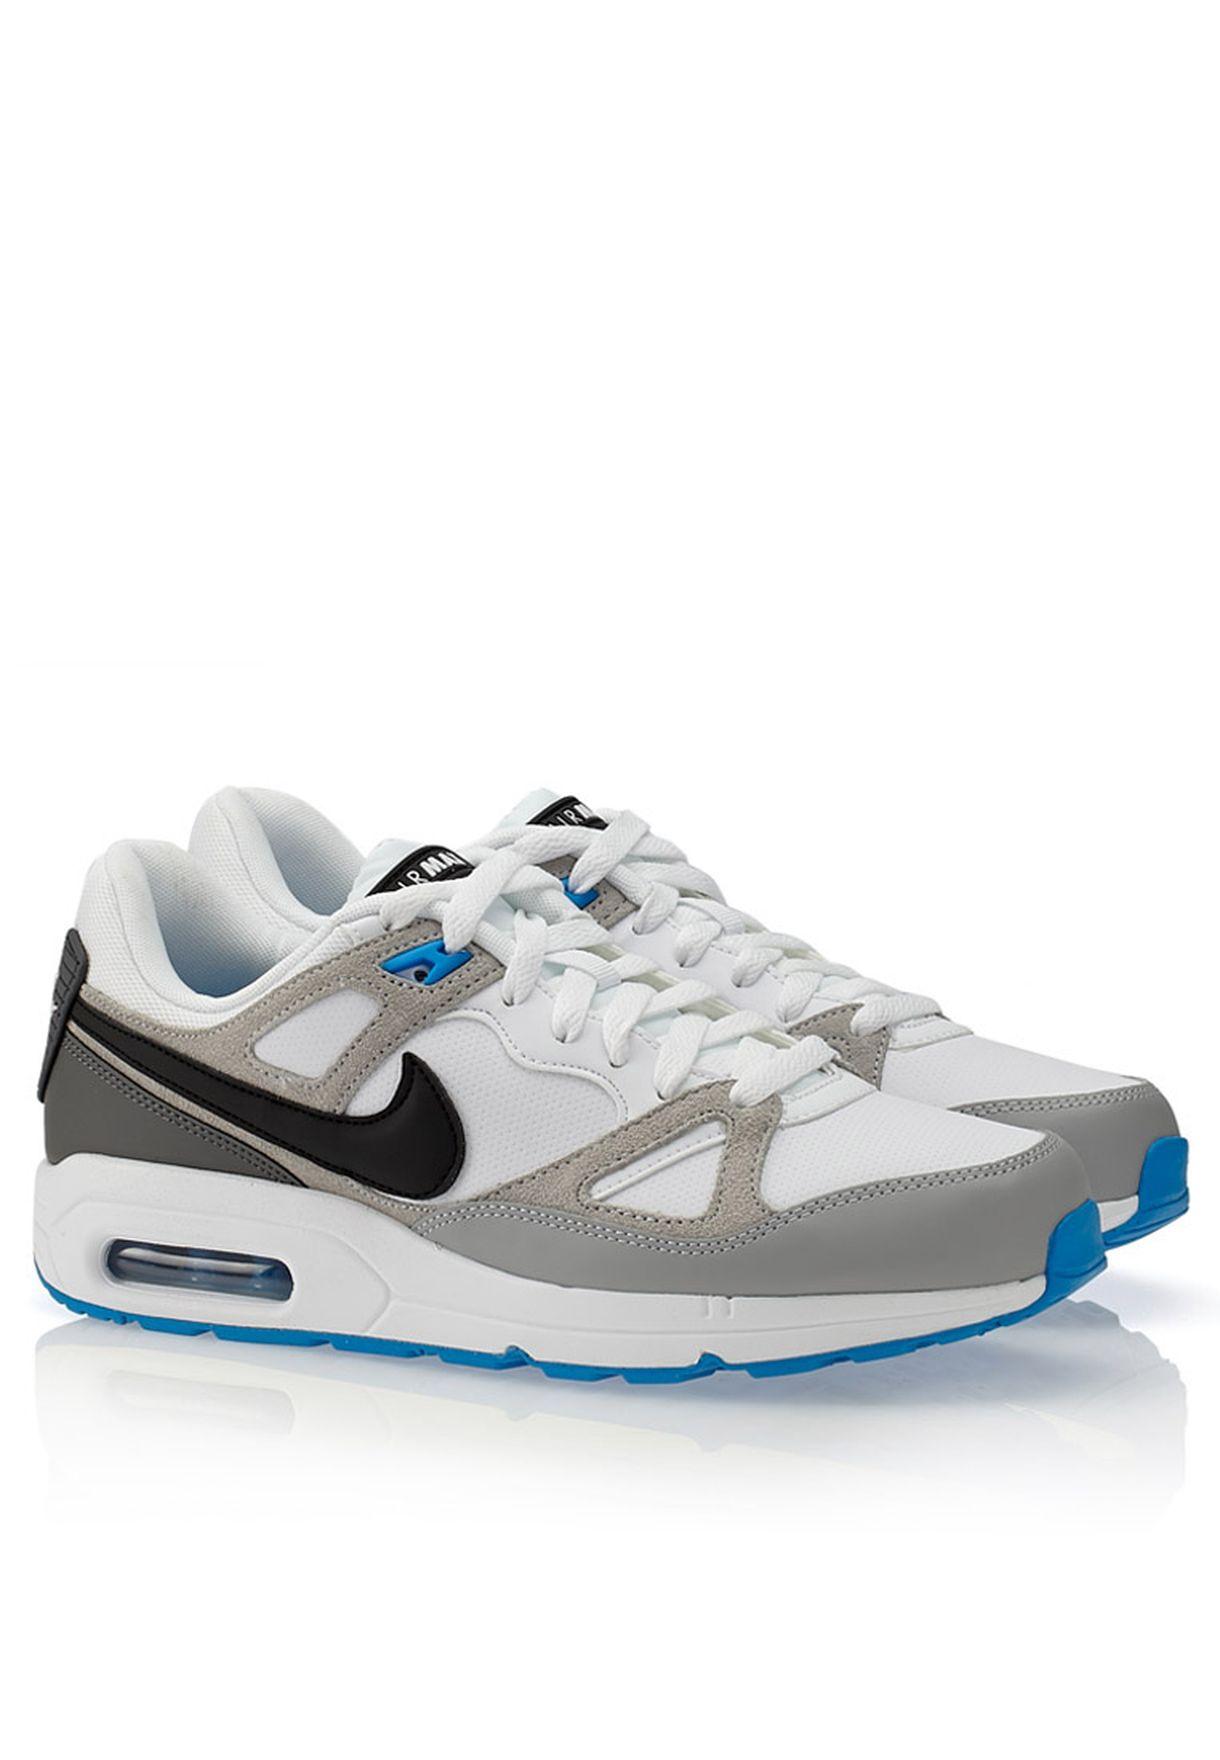 Nike Air Max Span